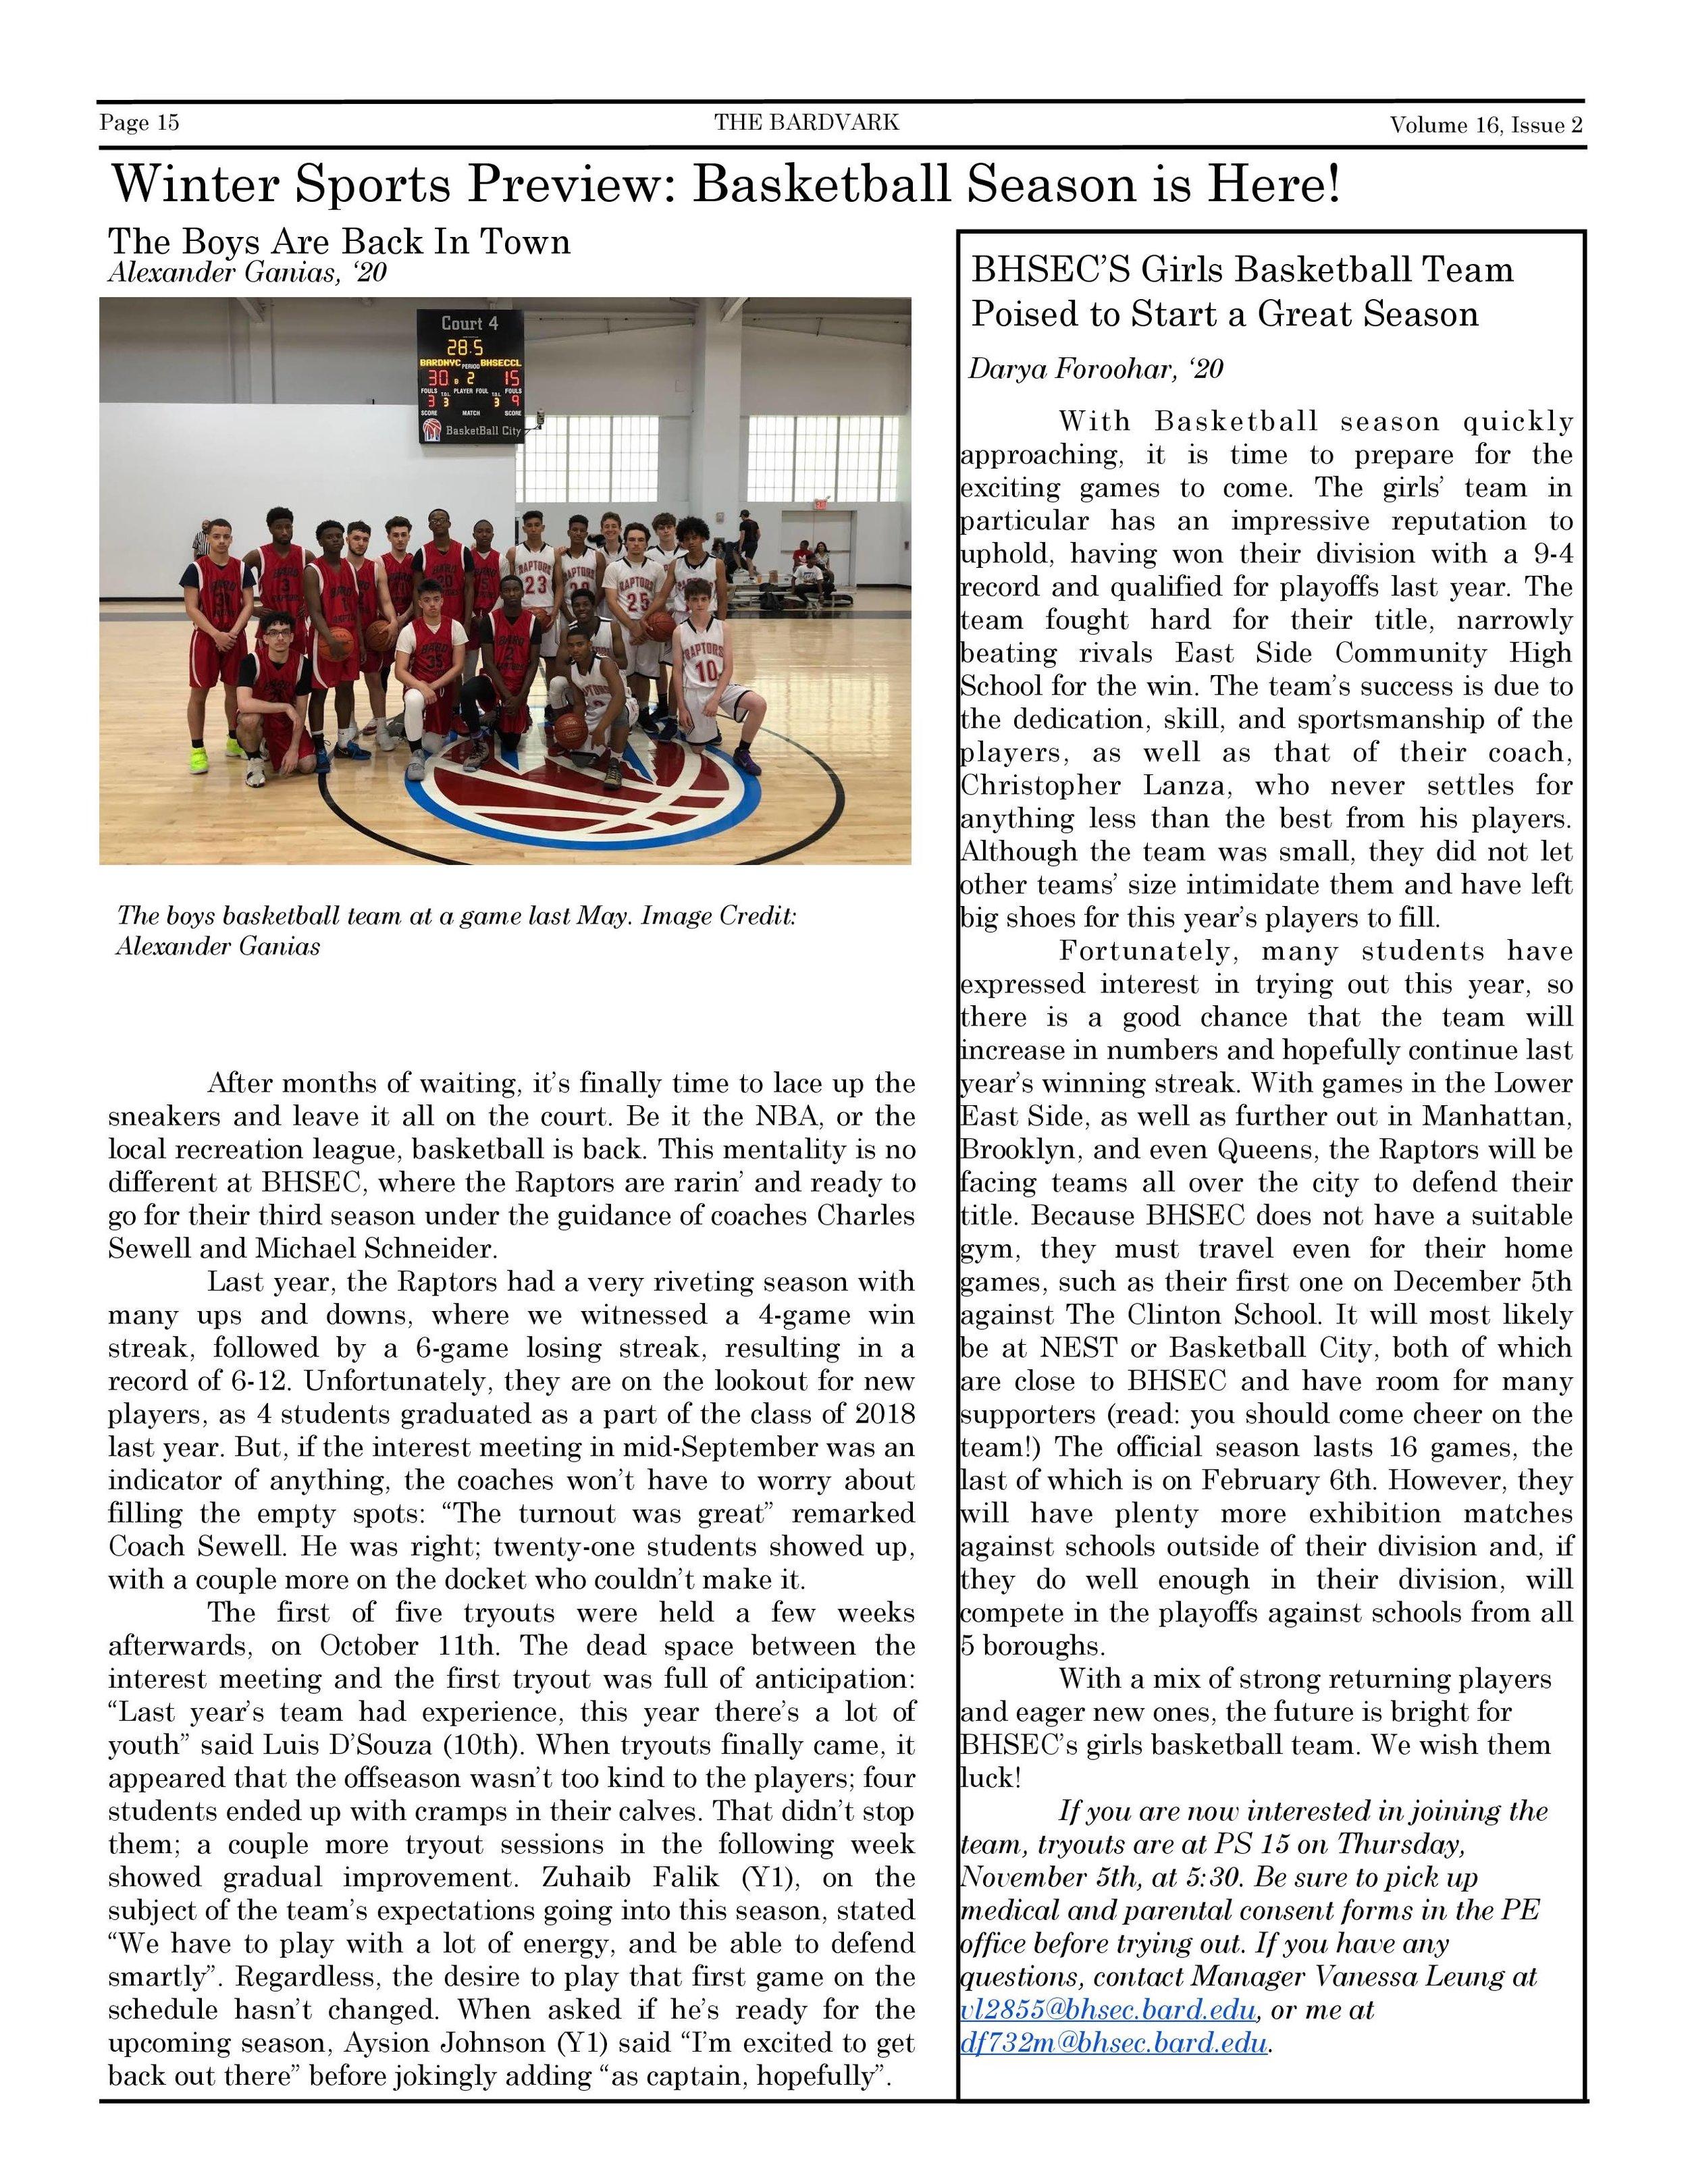 Issue 2 October 2018-15.jpg